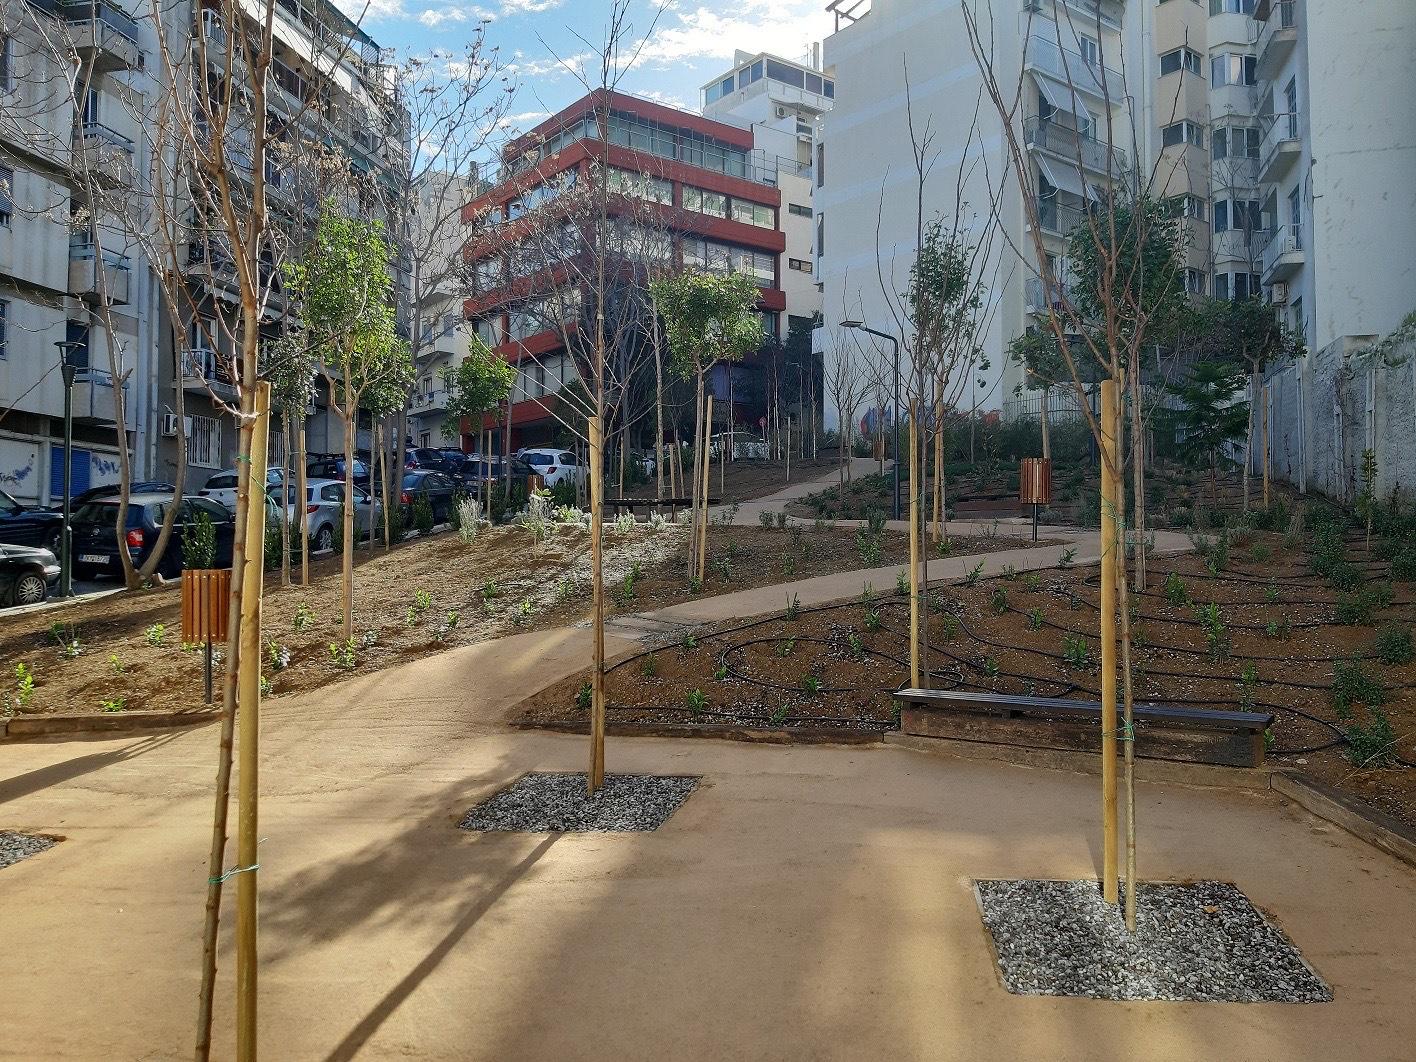 Ο Δήμος Αθηναίων απέκτησε και τρίτο «Pocket Park» – Και είναι στο Παγκράτι (pics)